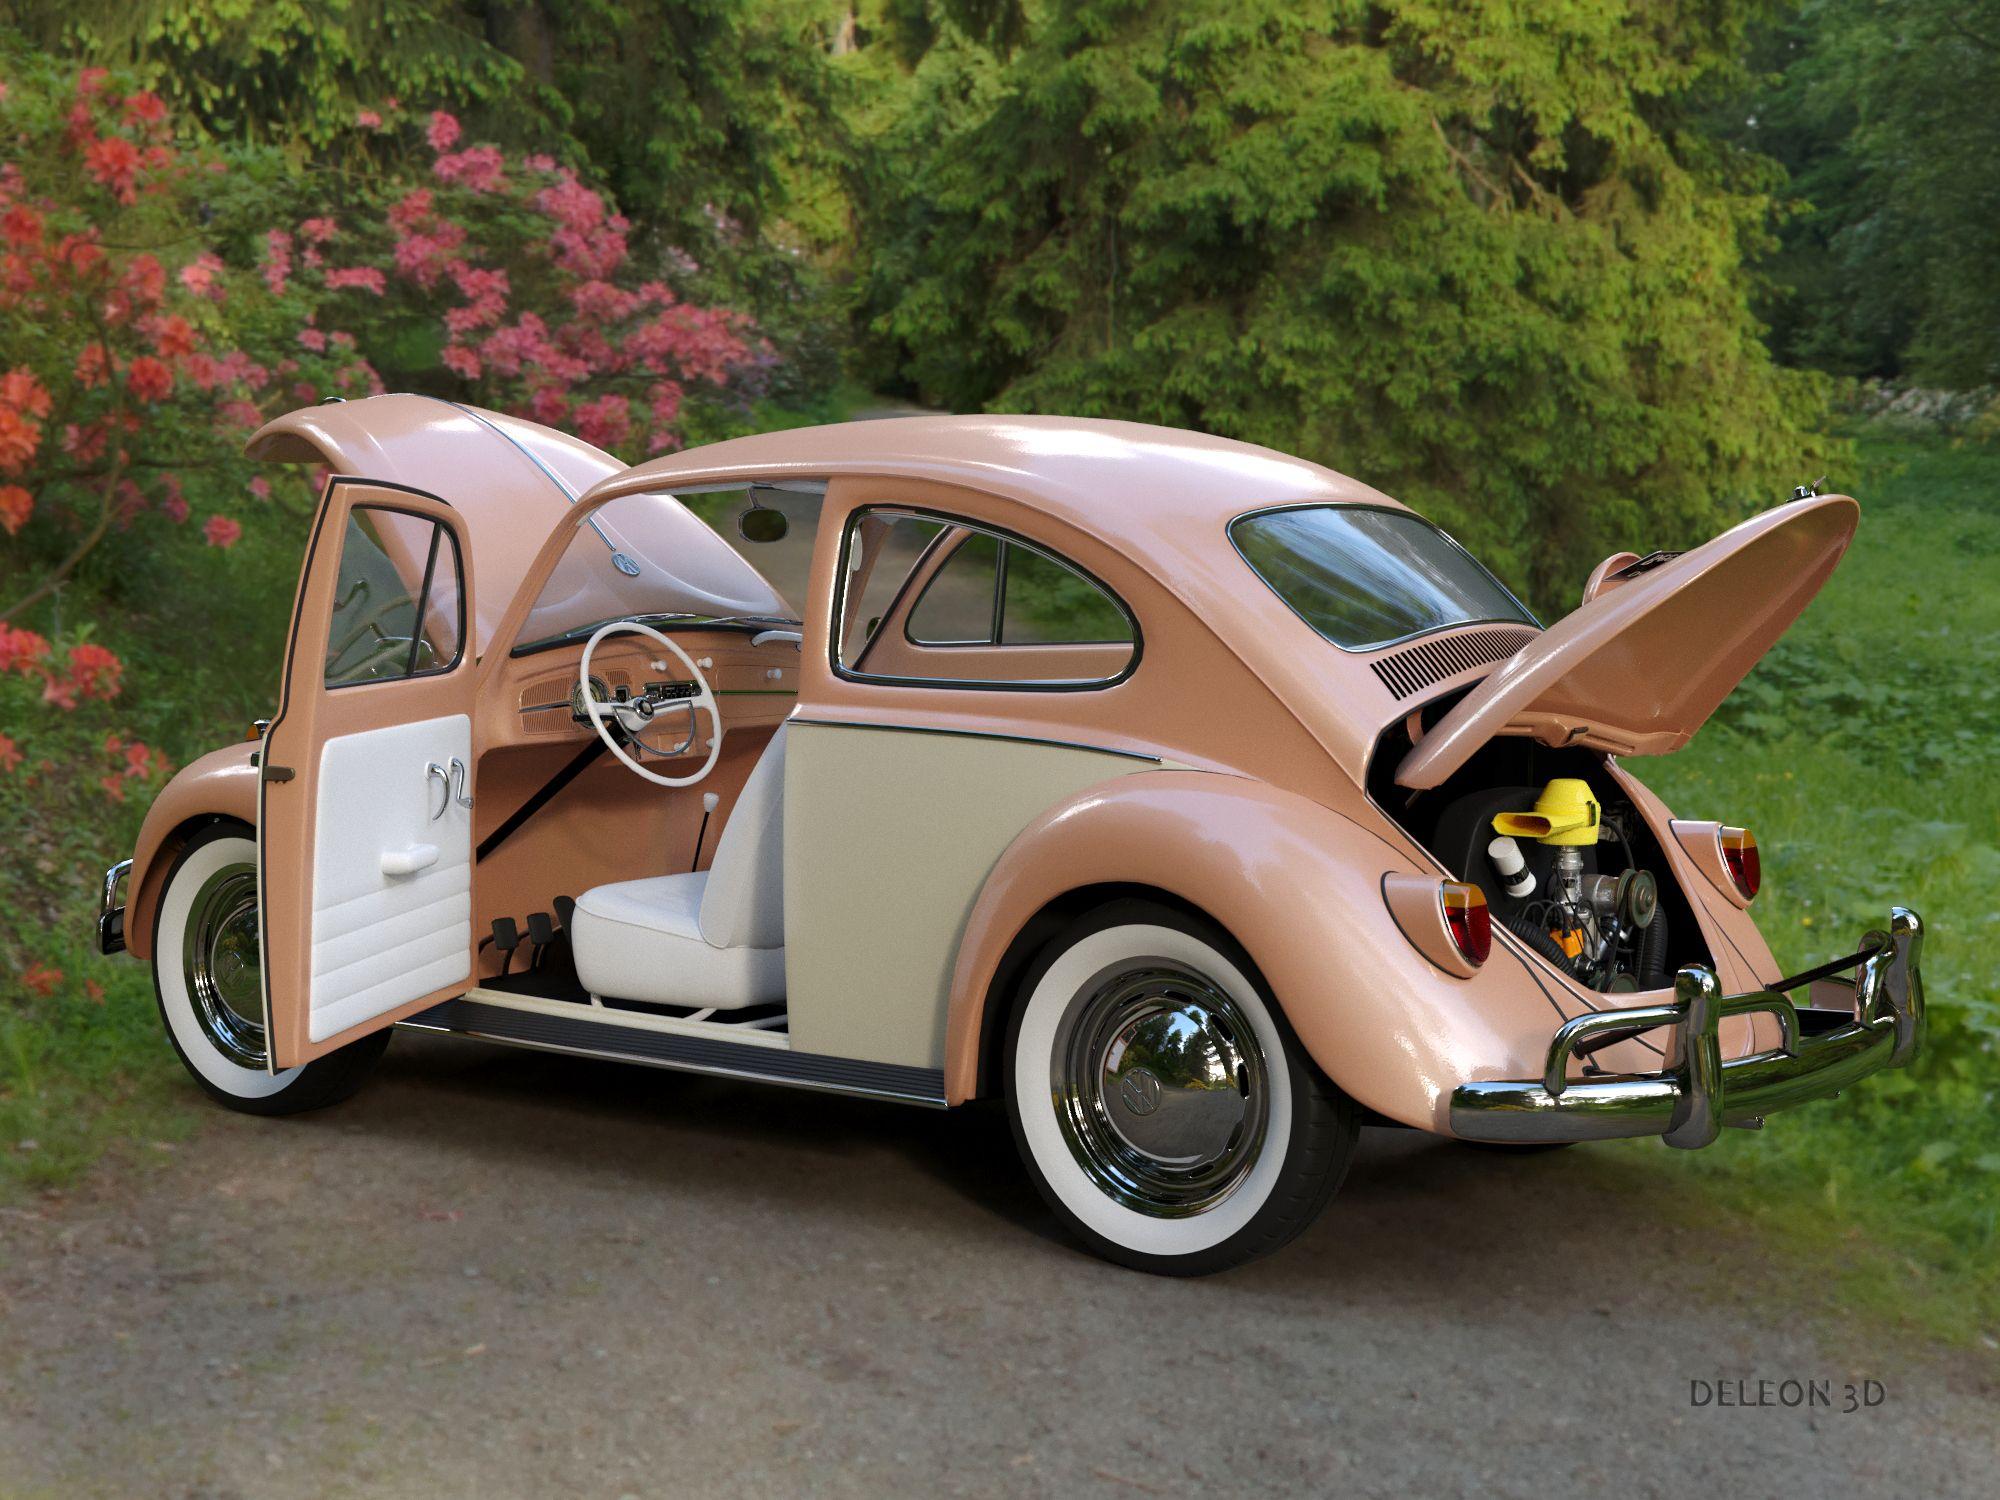 Volkswagen Beetle Fusca 1969 3d Model Flatpyramid In 2020 Volkswagen Beetle Vw Beetle Classic Volkswagen Routan